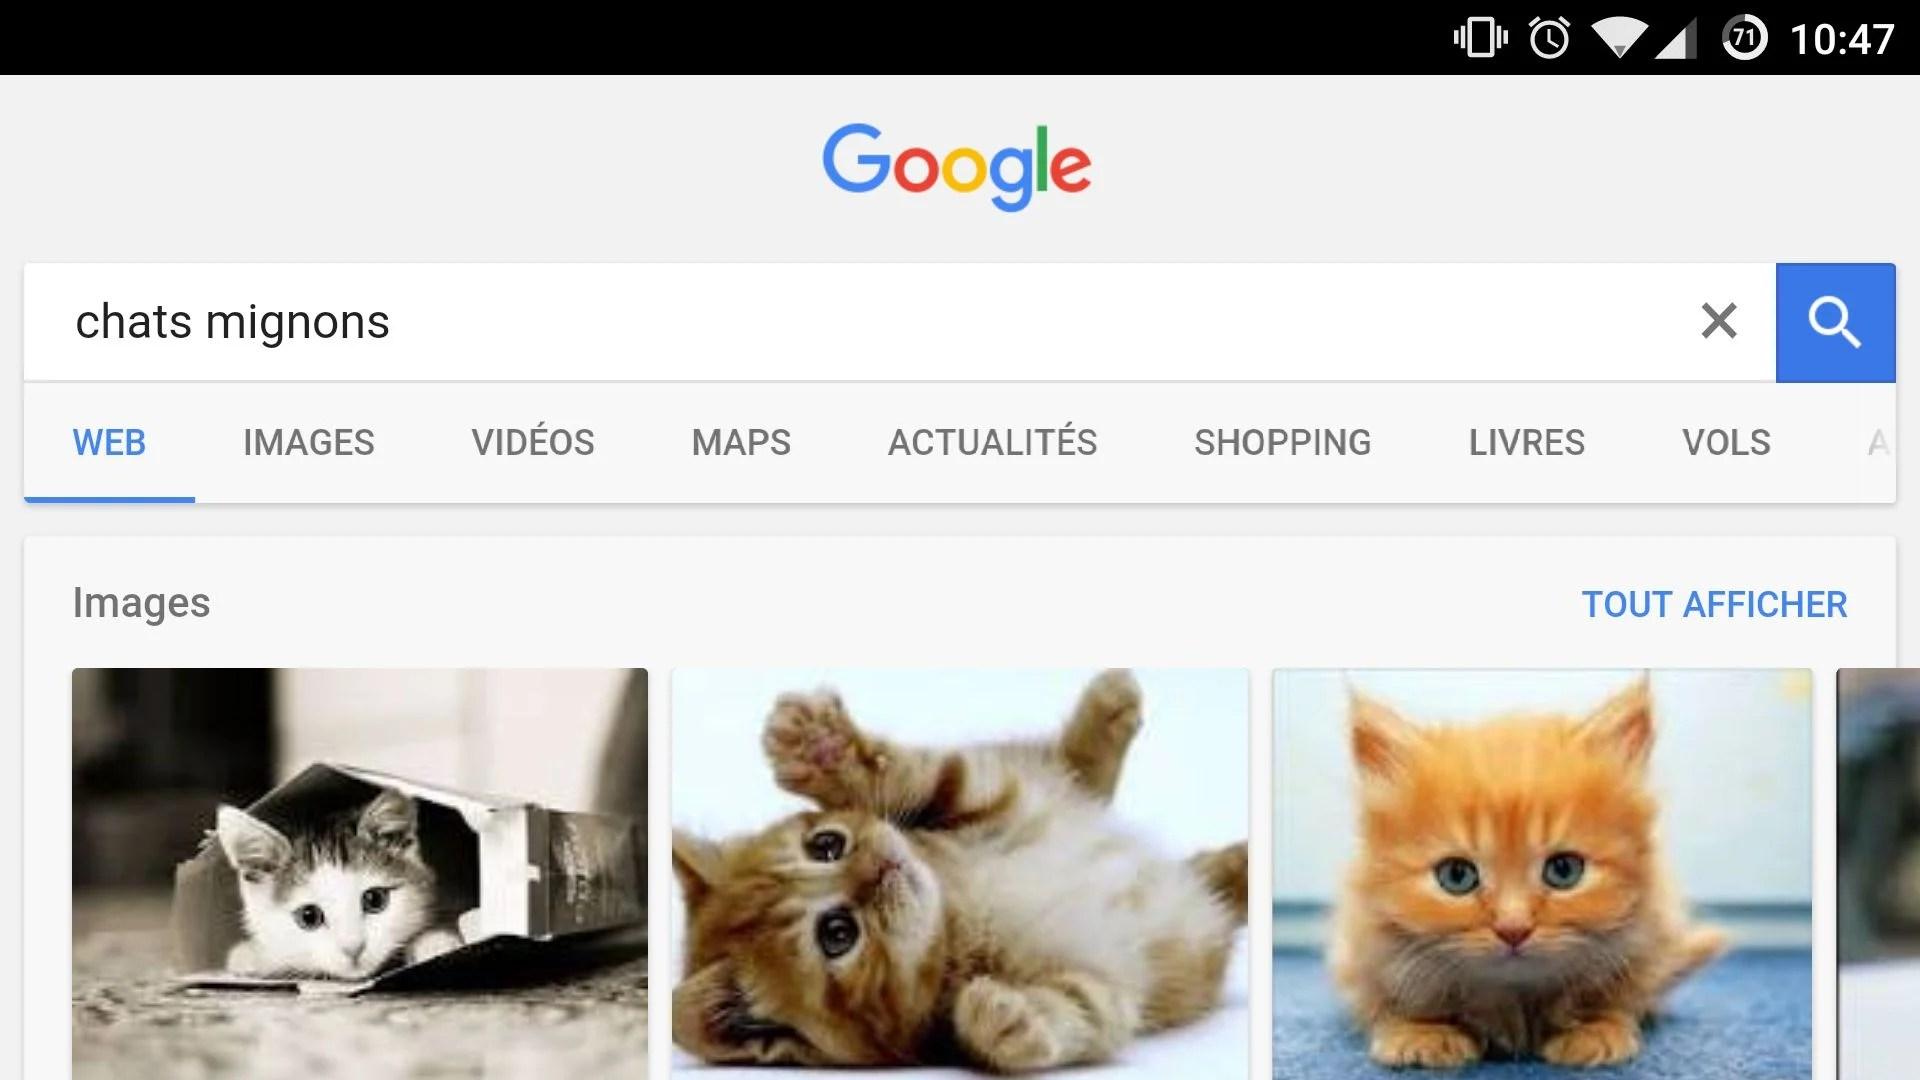 Google Images permet de sauvegarder plus facilement des images de chats mignons